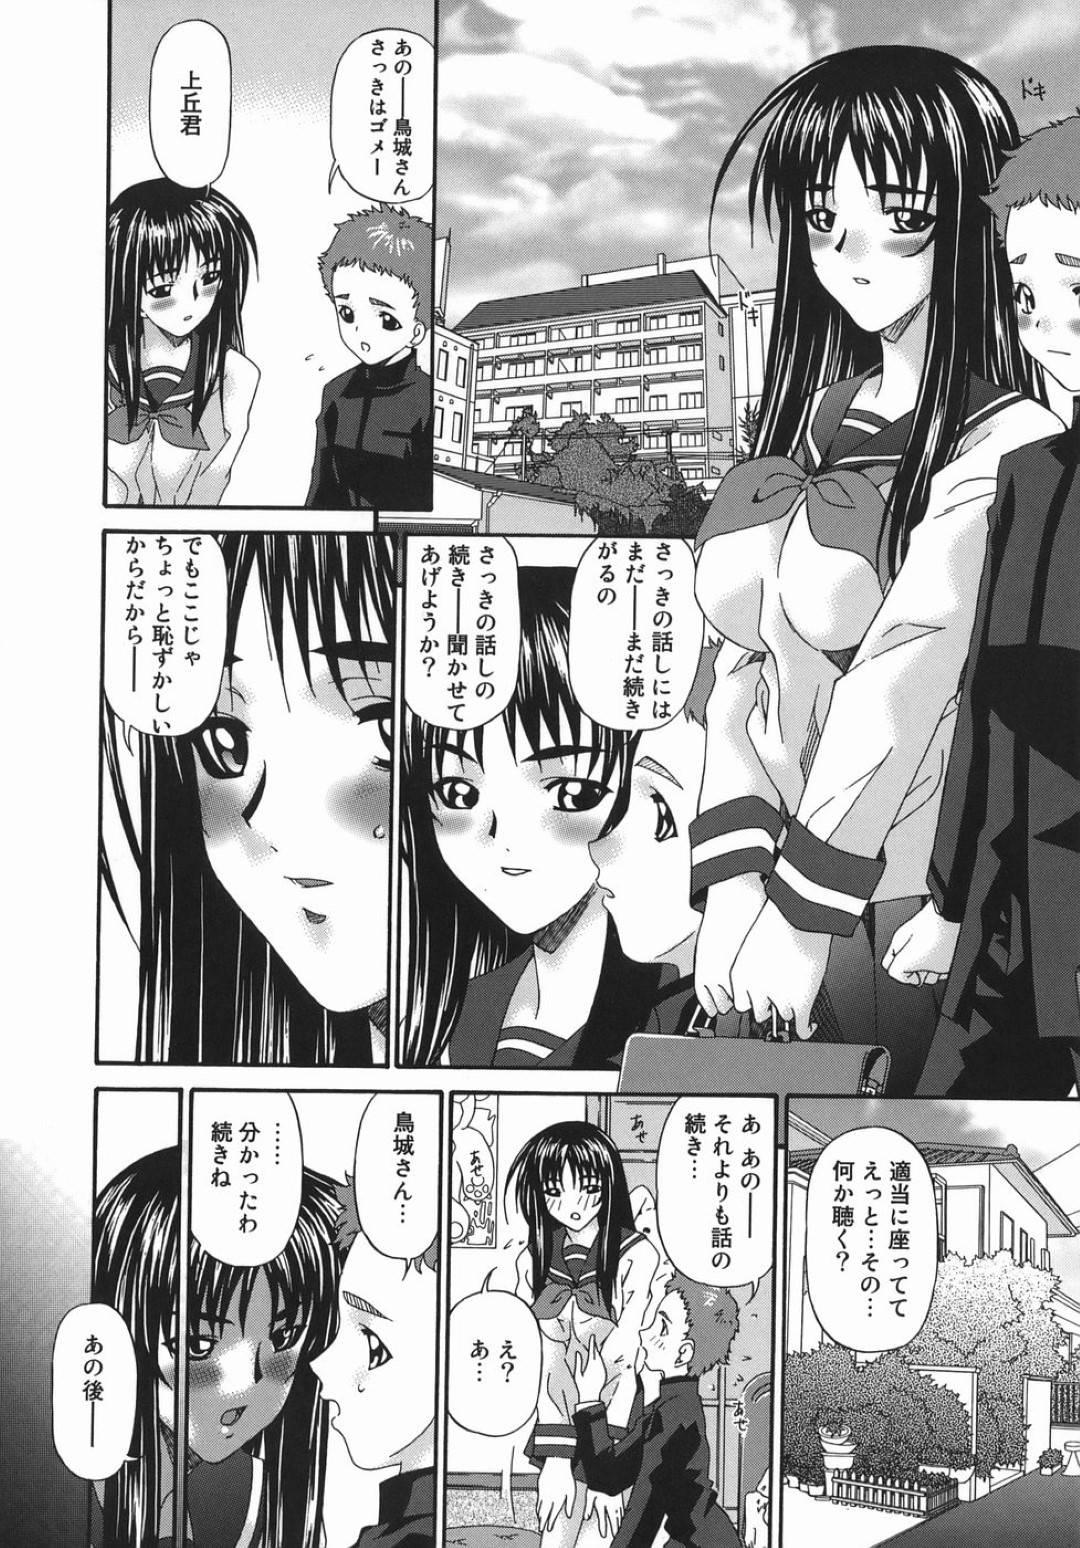 【エロ漫画】同級生とこっそり学校でセックスする清楚系JK…彼女は彼に膣やアナルにチンポを挿入させて感じまくる!【唄飛鳥:嘘】